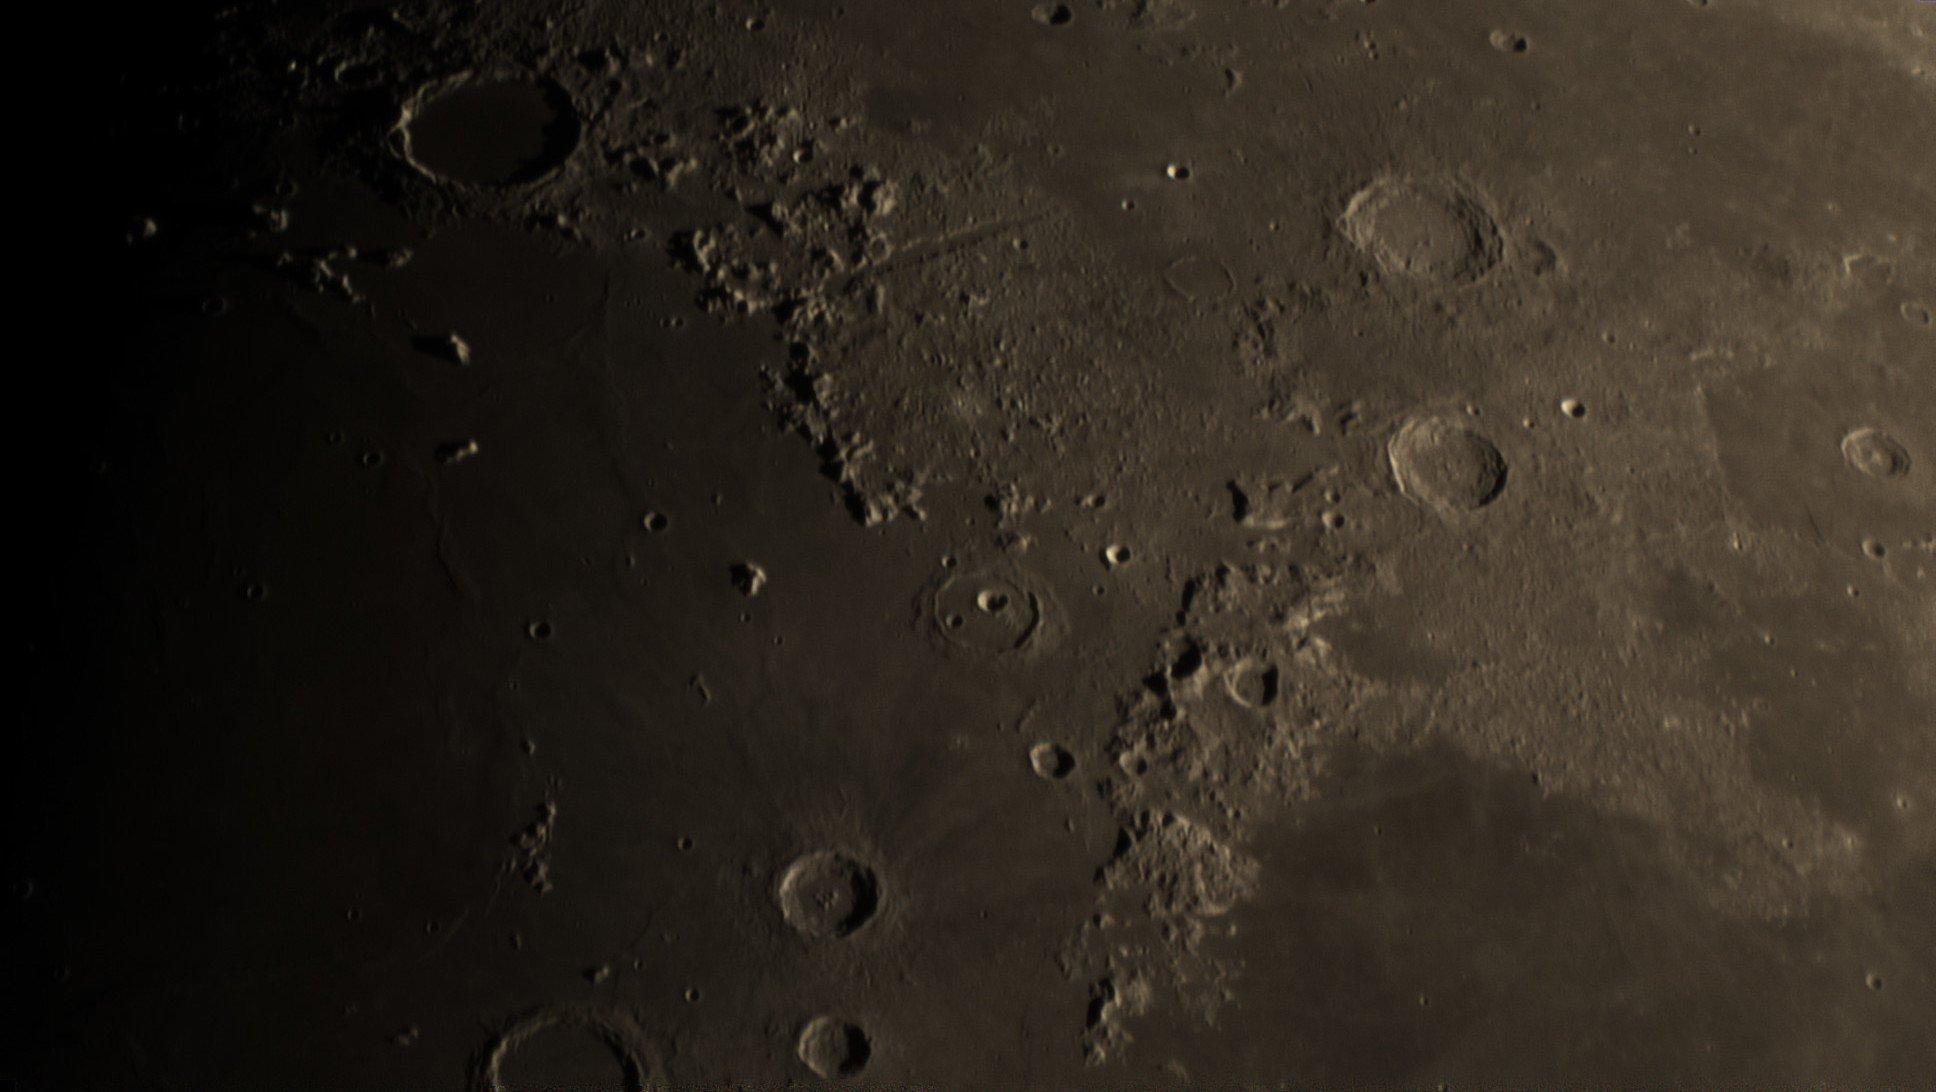 2021-08-16-2012 5-Moon Lapl5 Ap18 Conv 1